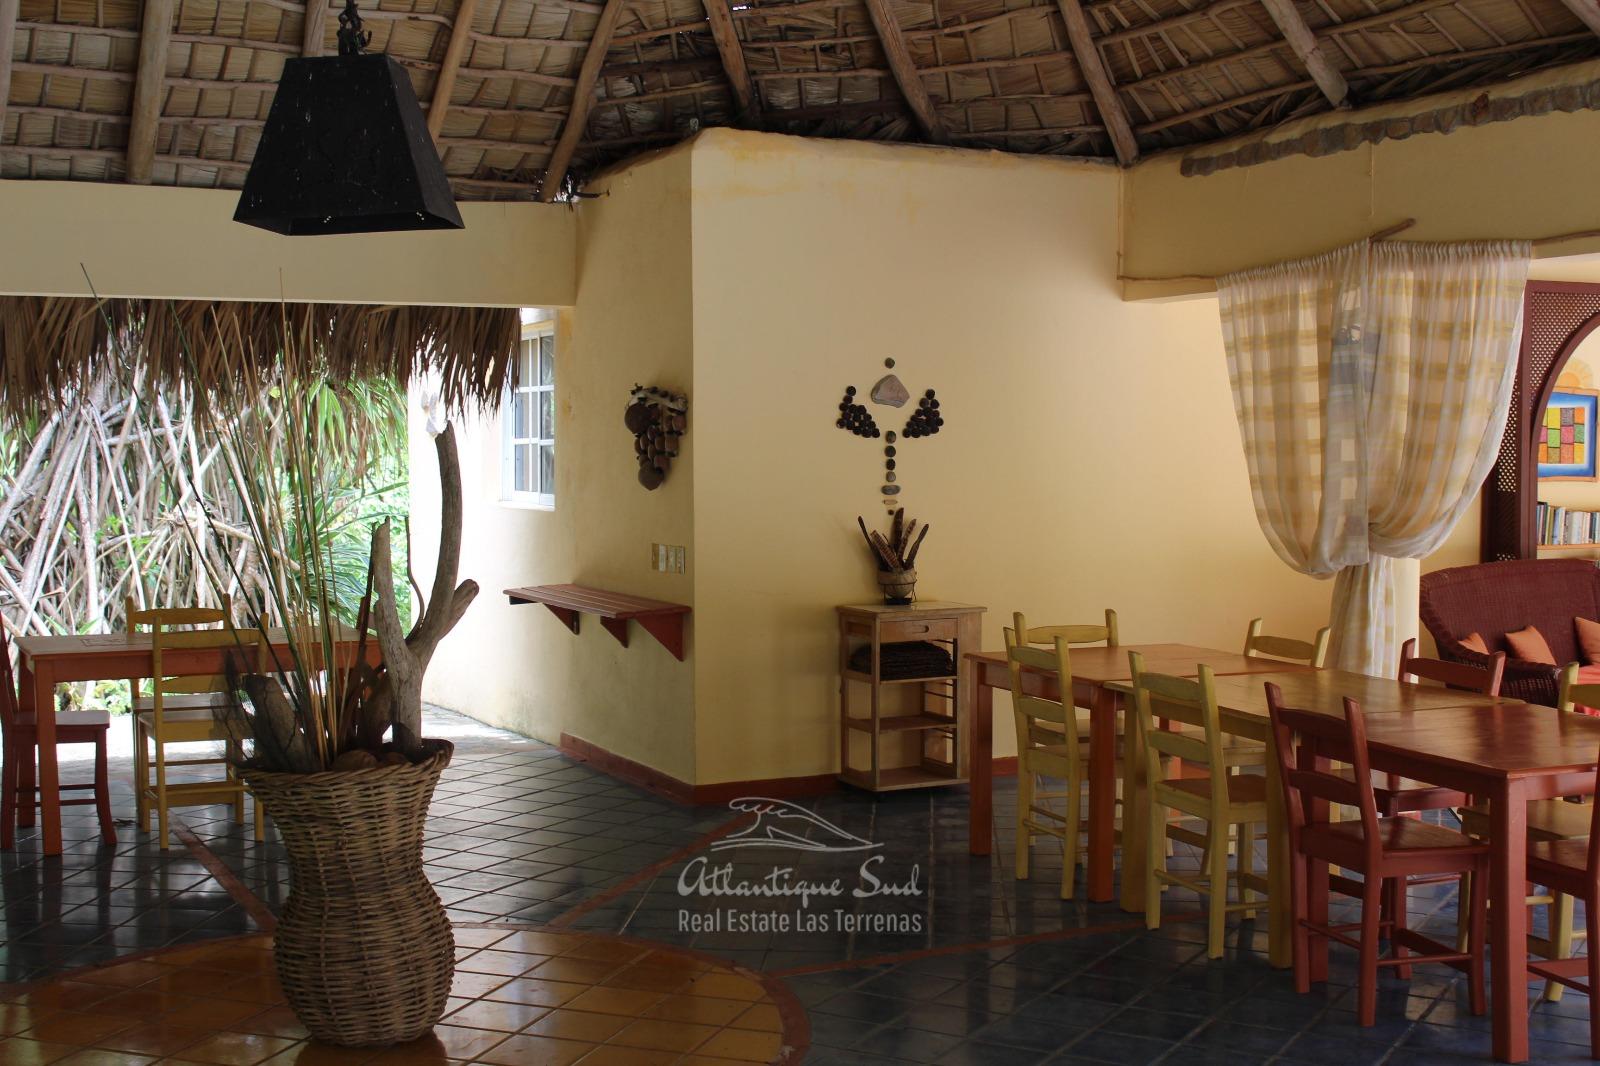 Mediterranean Condominiums for sale Real Estate Las Terrenas (2).jpeg